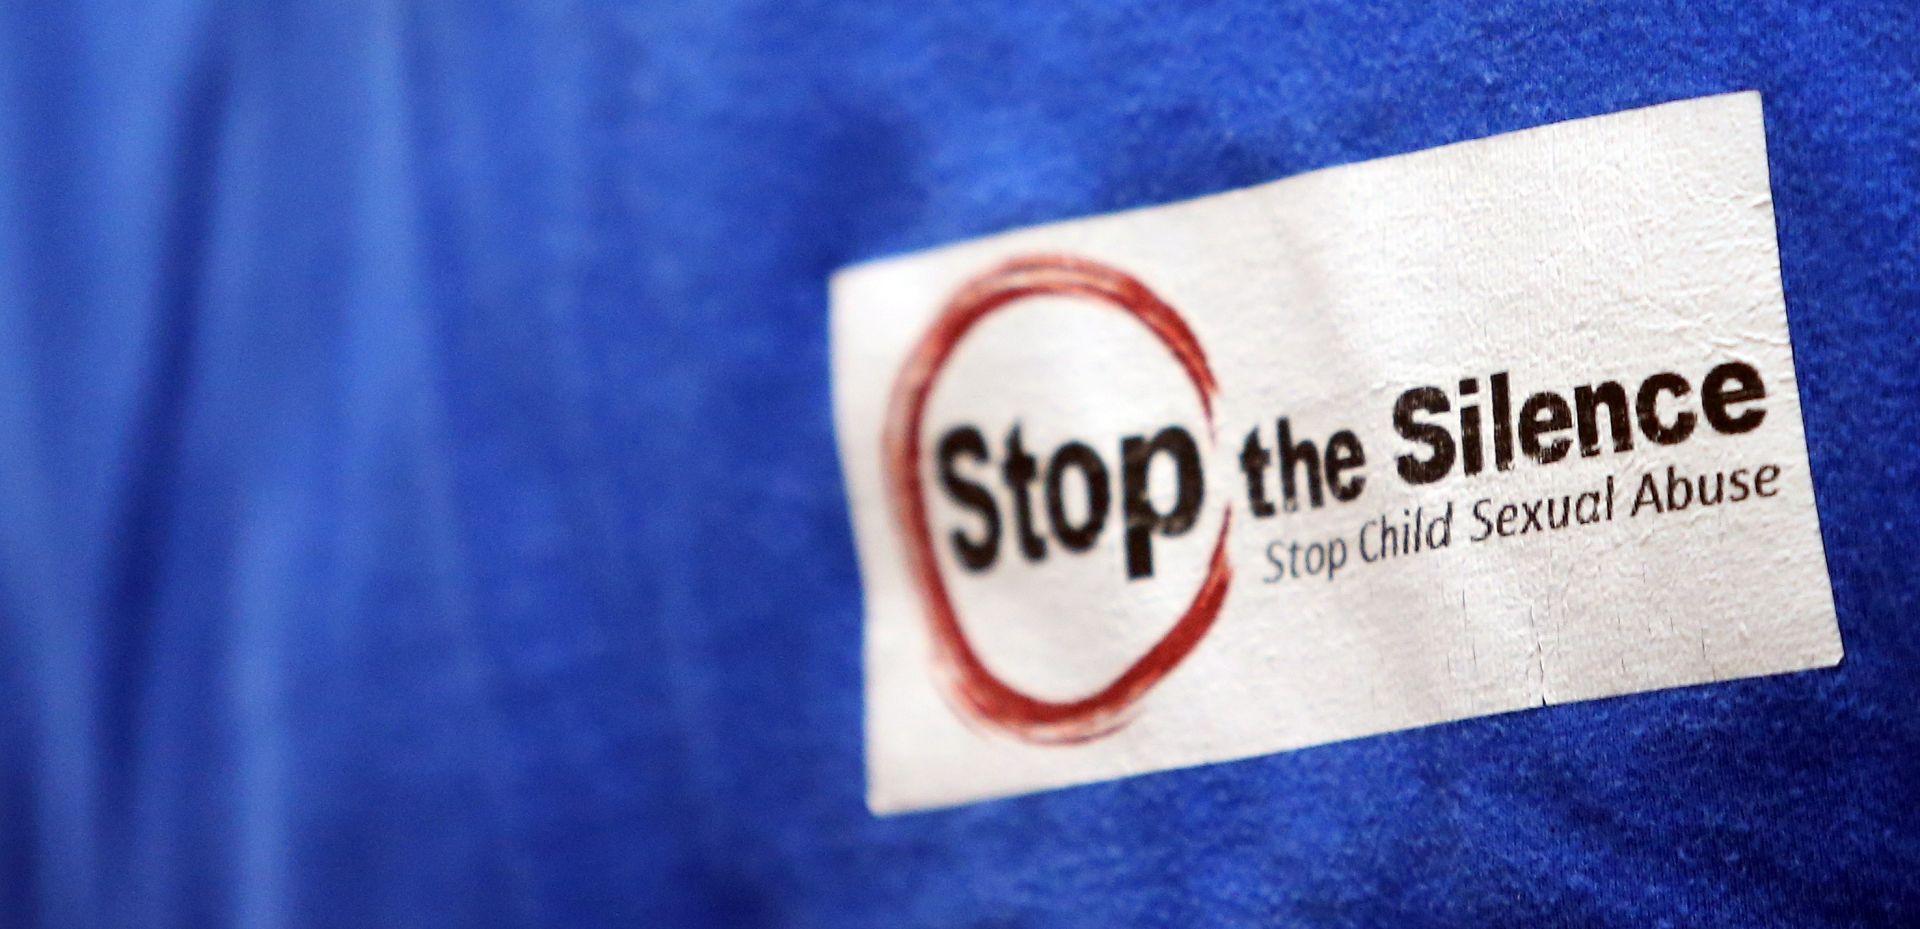 UN: Plave kacige optužene za seksualno zlostavljanje, 44 slučaja od početka 2016.